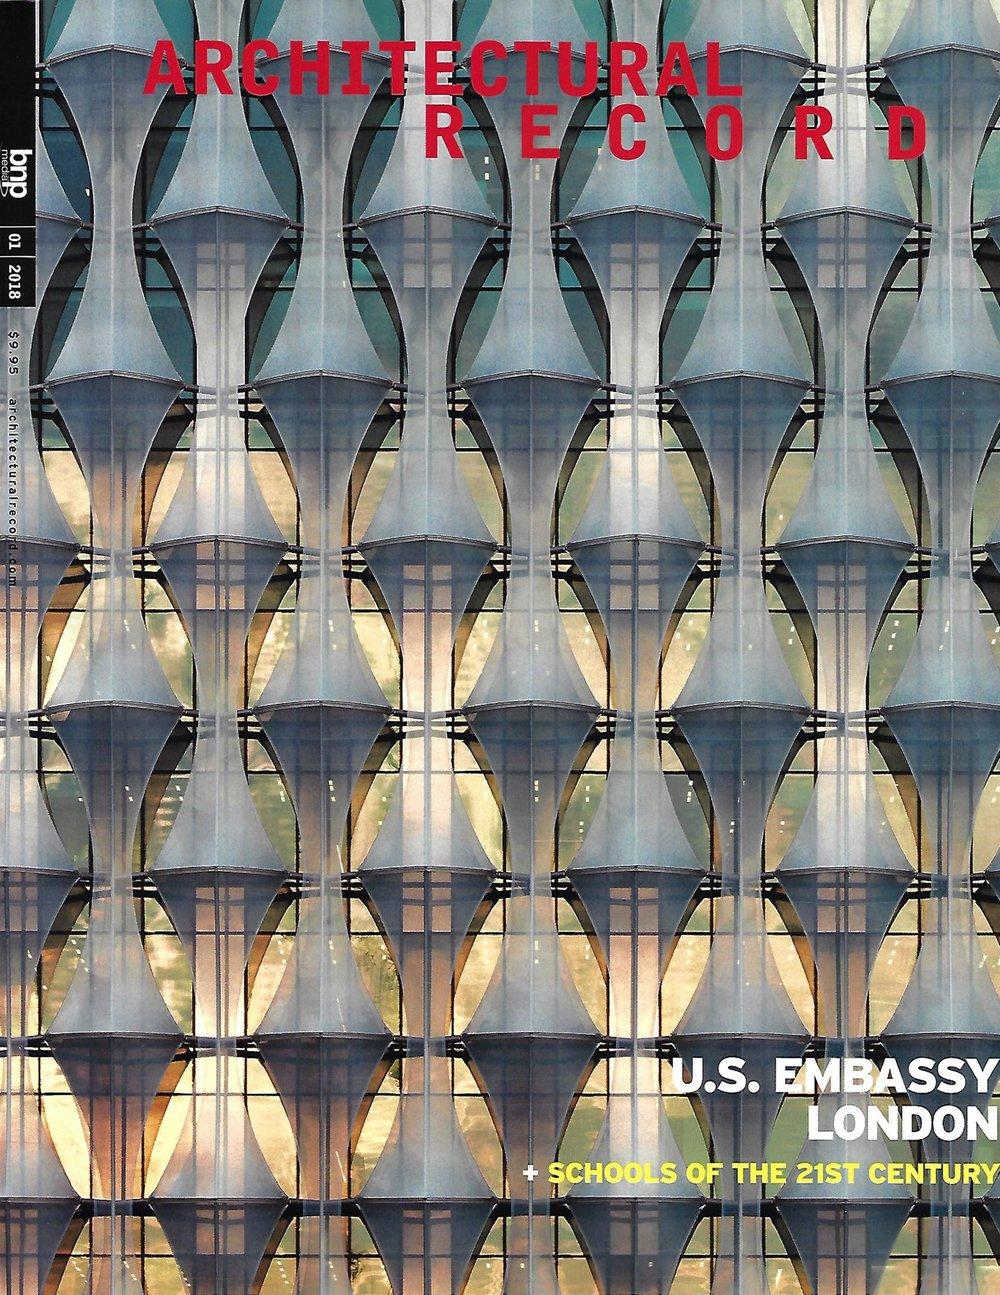 ARCHITECTURAL RECORD 01/18